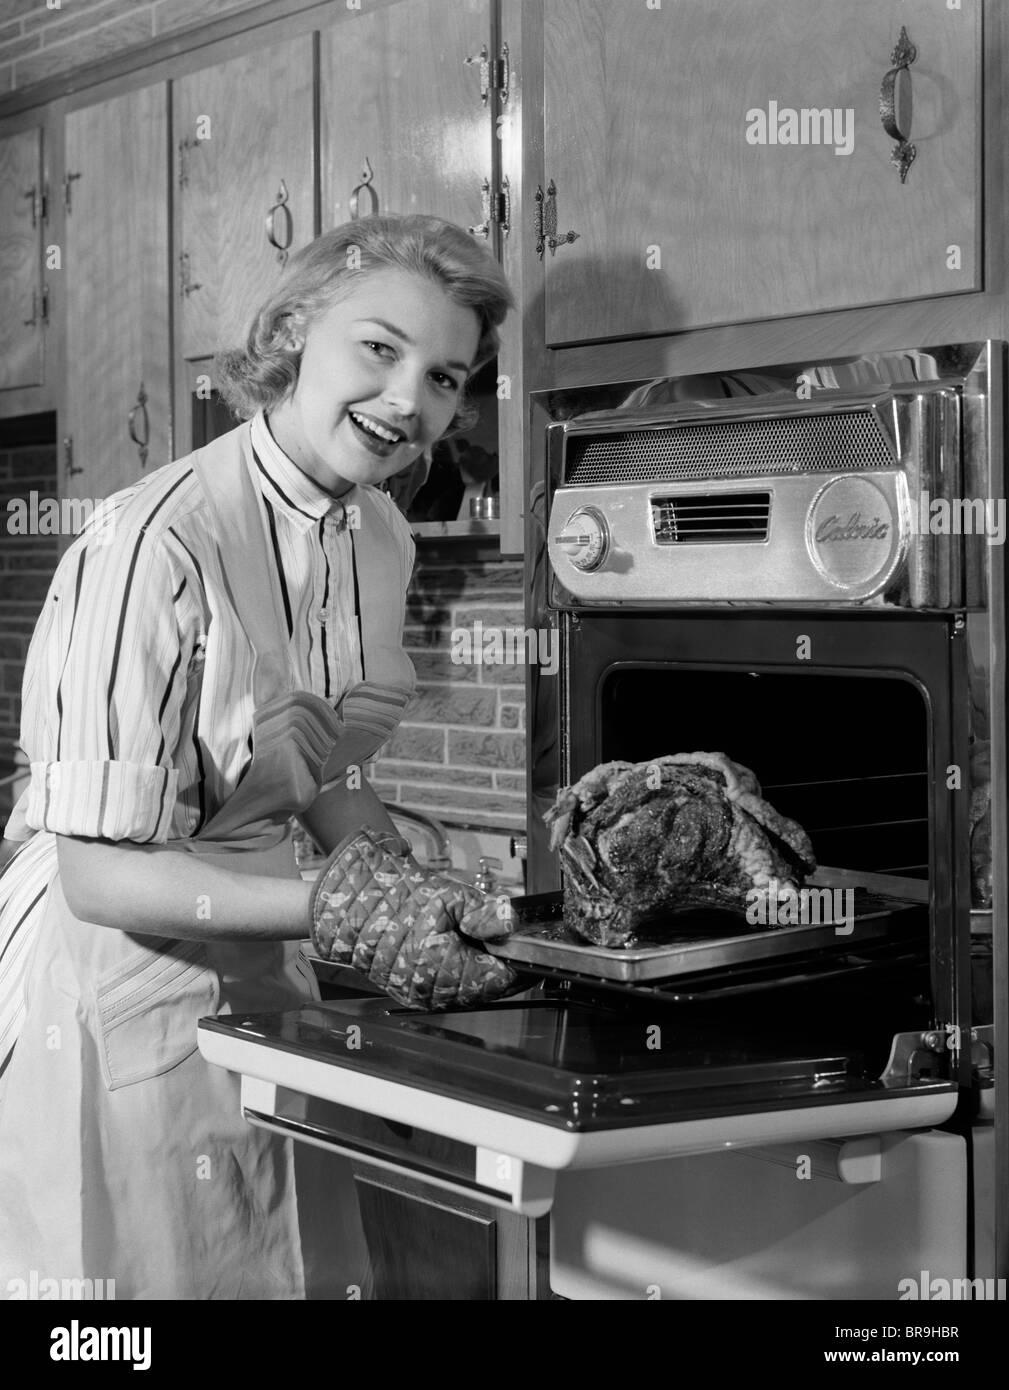 Anni Cinquanta donna sorridente casalinga indossando il grembiule tenendo  grandi arrosti di carni bovine provenienti da FORNO ELETTRICO IN CUCINA  guardando ... 8229ecffa857